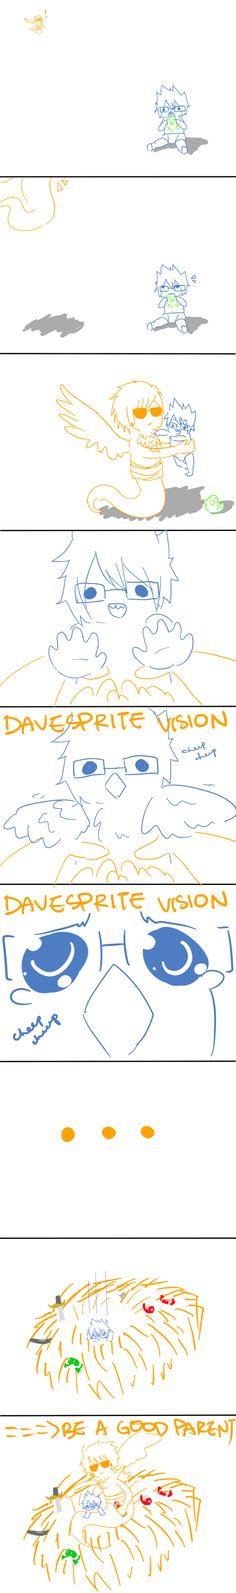 Adventures with Davesprite by Anonator on DeviantArt